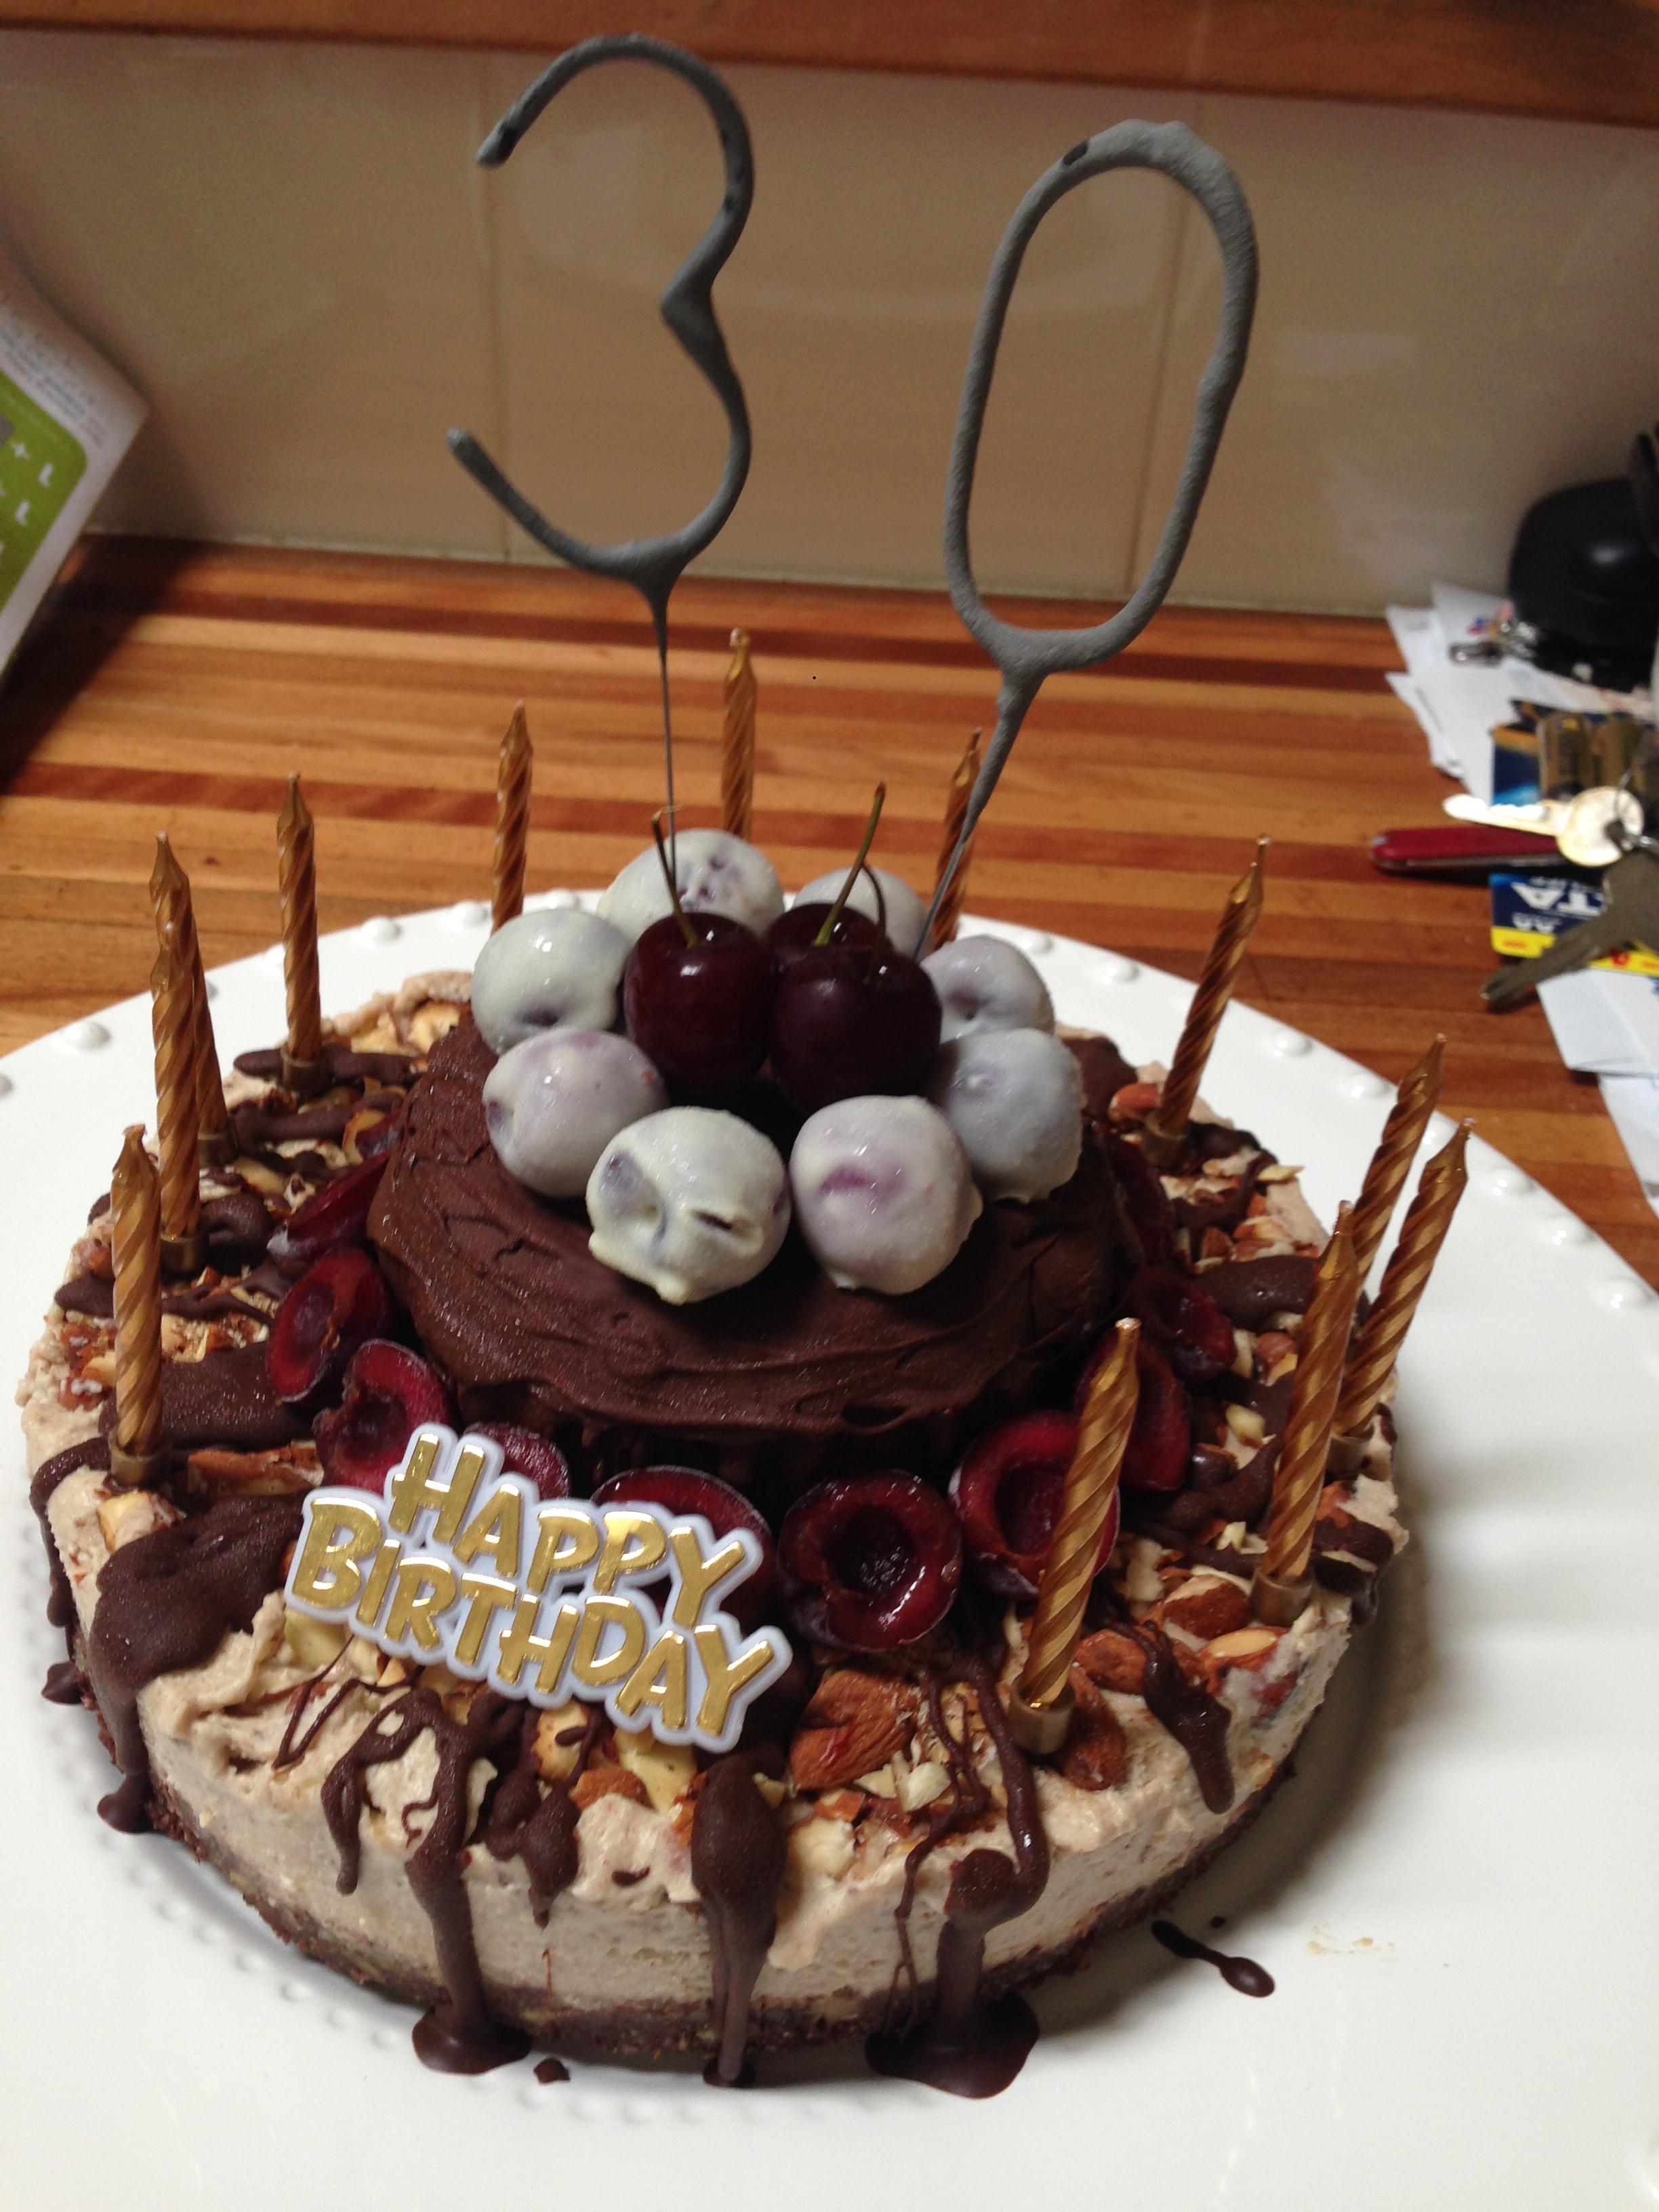 De-snicker-licious cake